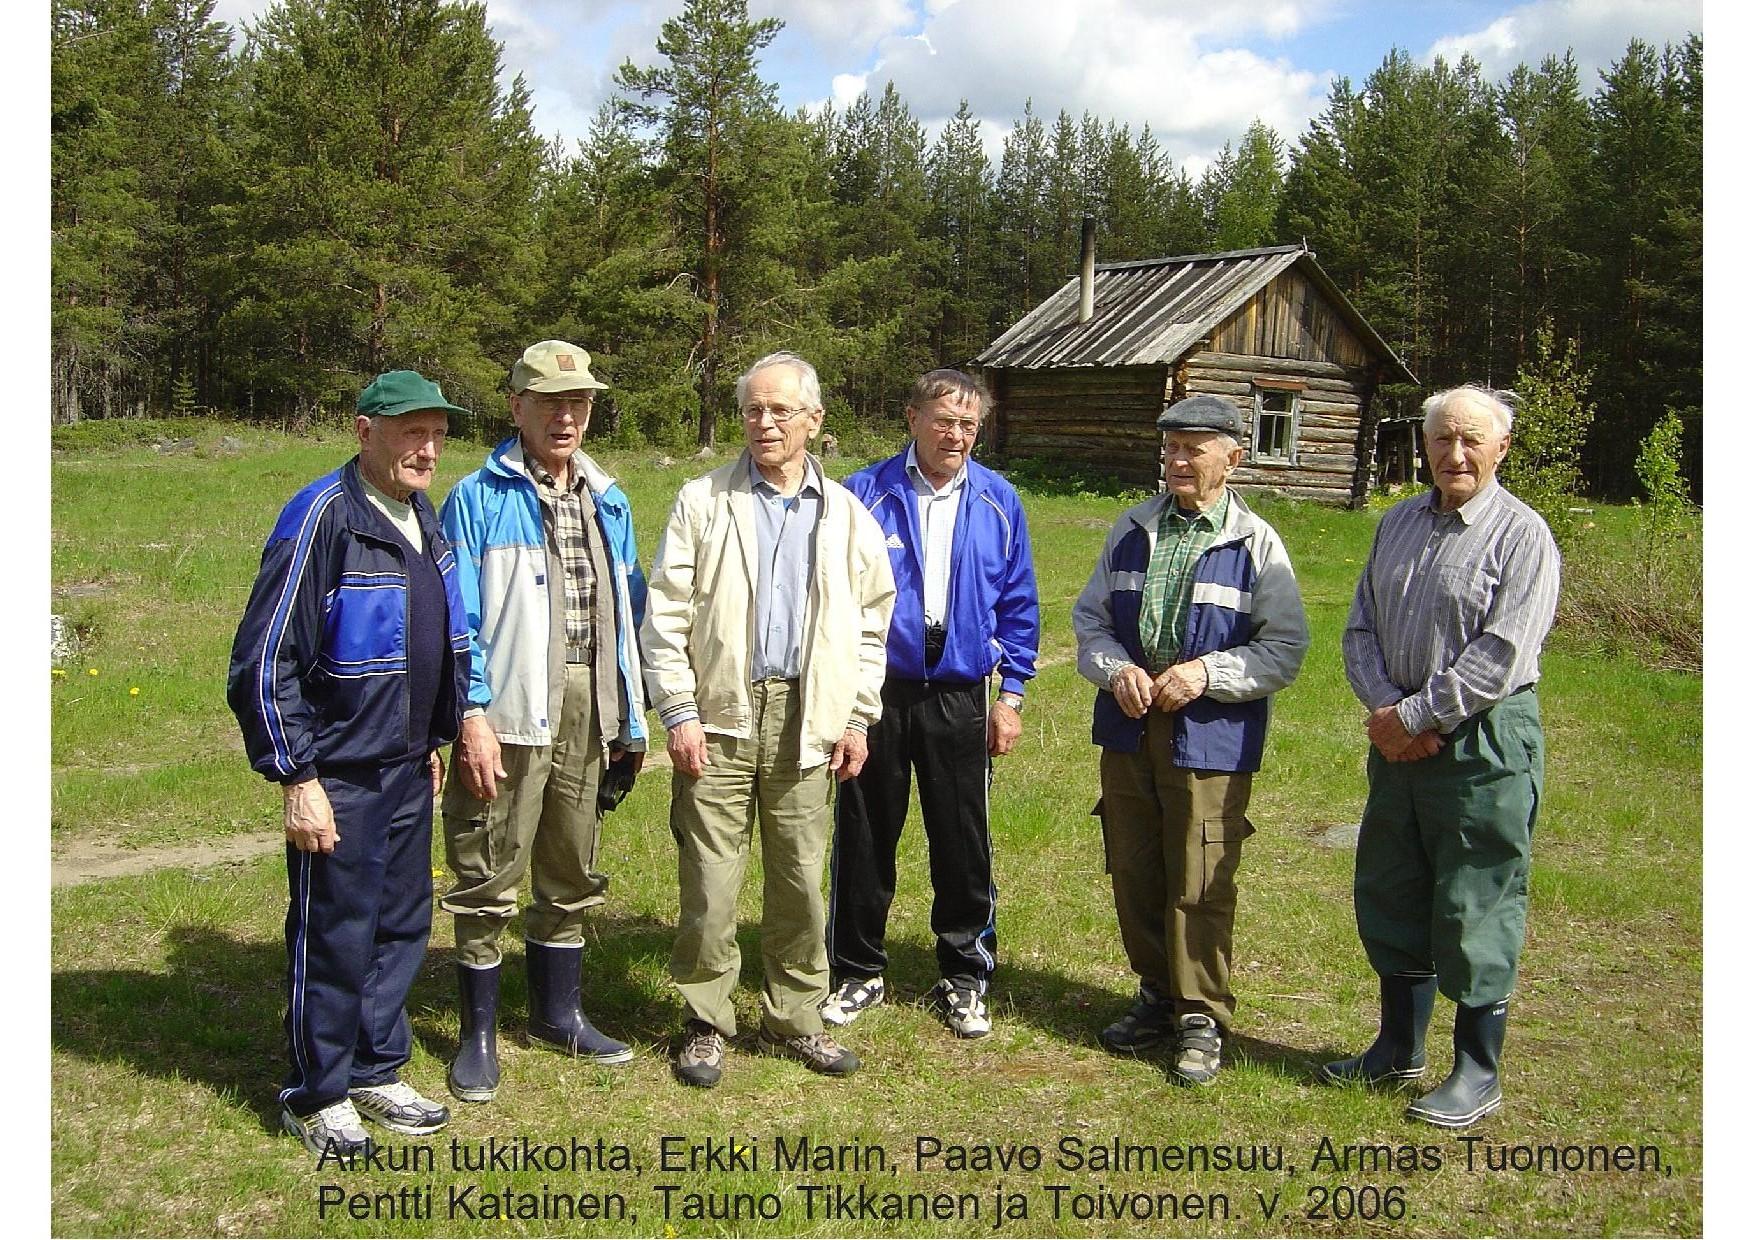 Arku Rukajärvellä 26.7.2008, Erkki Marin, Paavo Salmensuu, Armas Tuononen, Pentti Katainen, Tauno Tikkanen ja Heikki Toivanen.